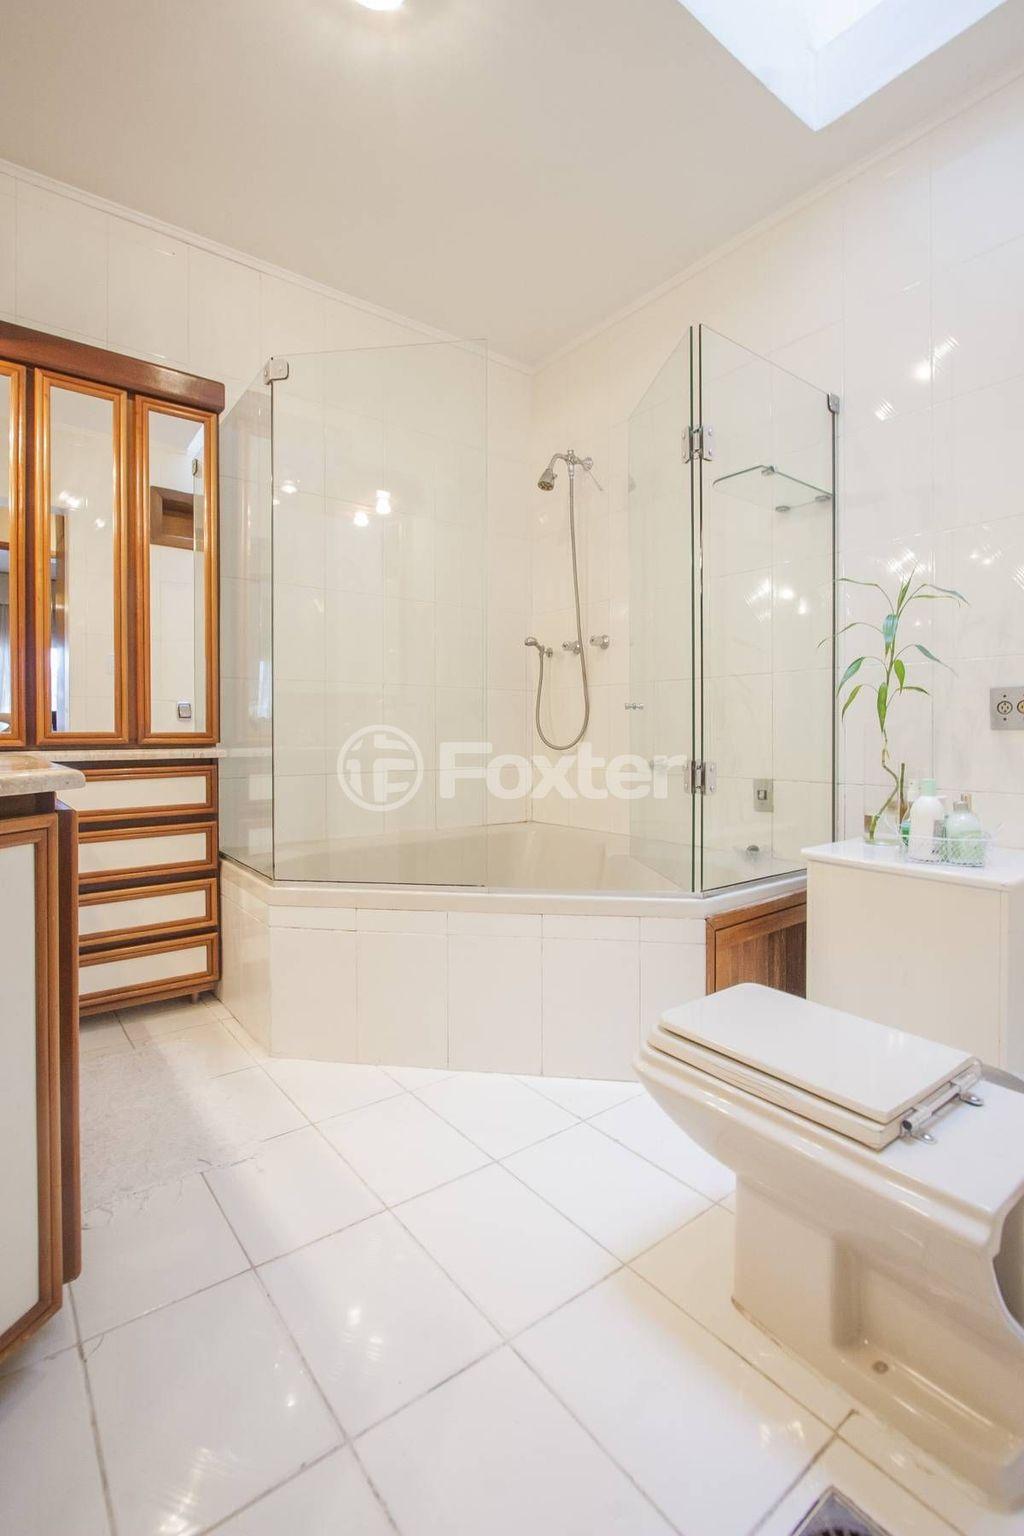 Foxter Imobiliária - Casa 3 Dorm, Jardim do Salso - Foto 14